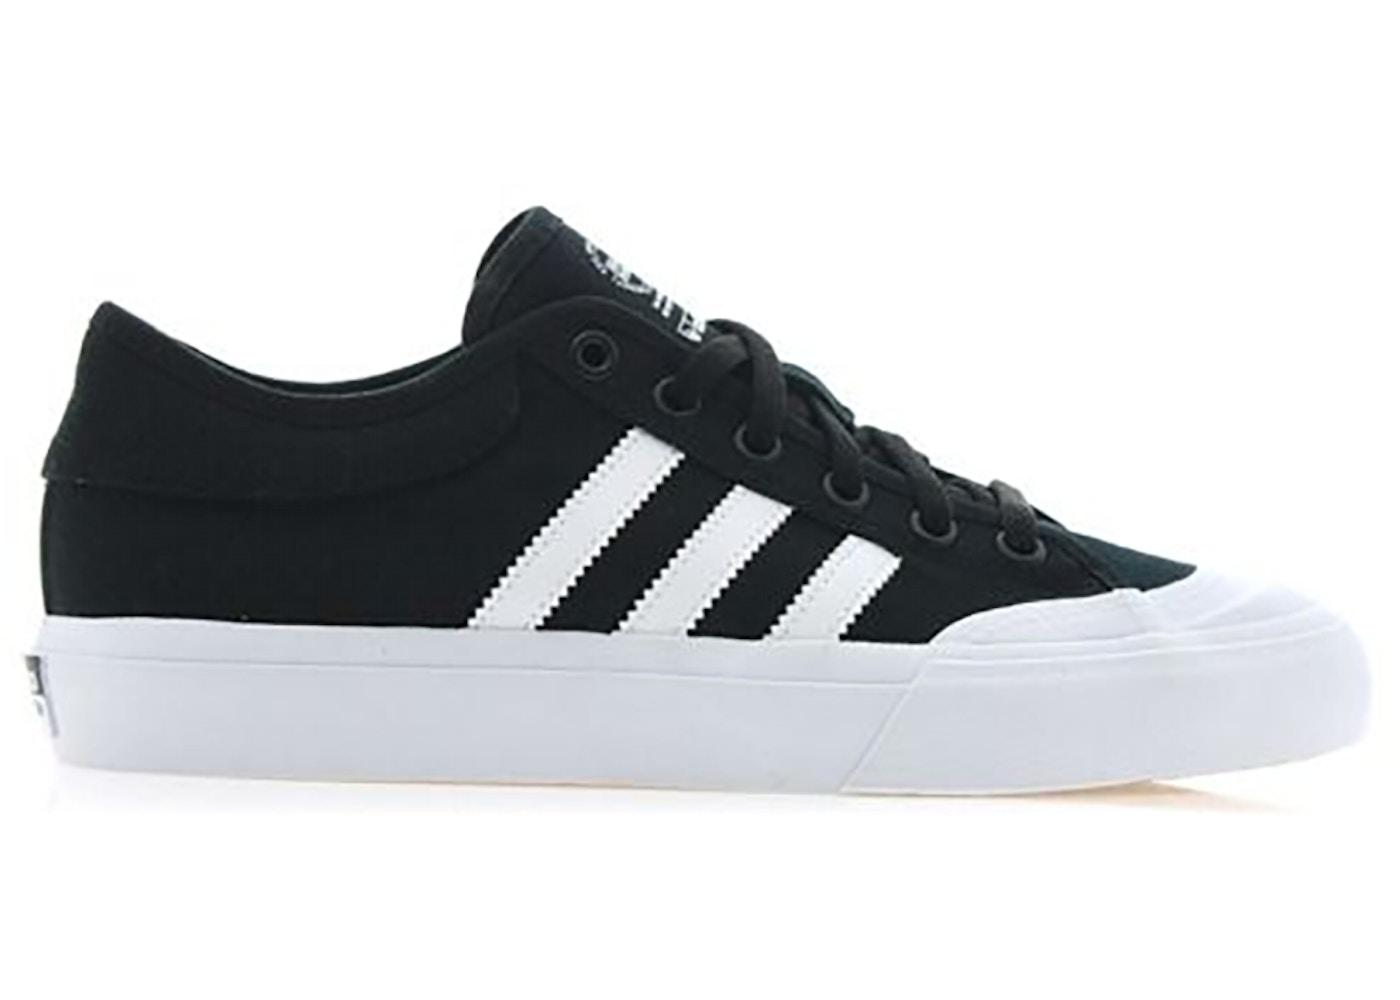 Adidas Matchcourt adidas Matchcourt Black White (2017) - F37383